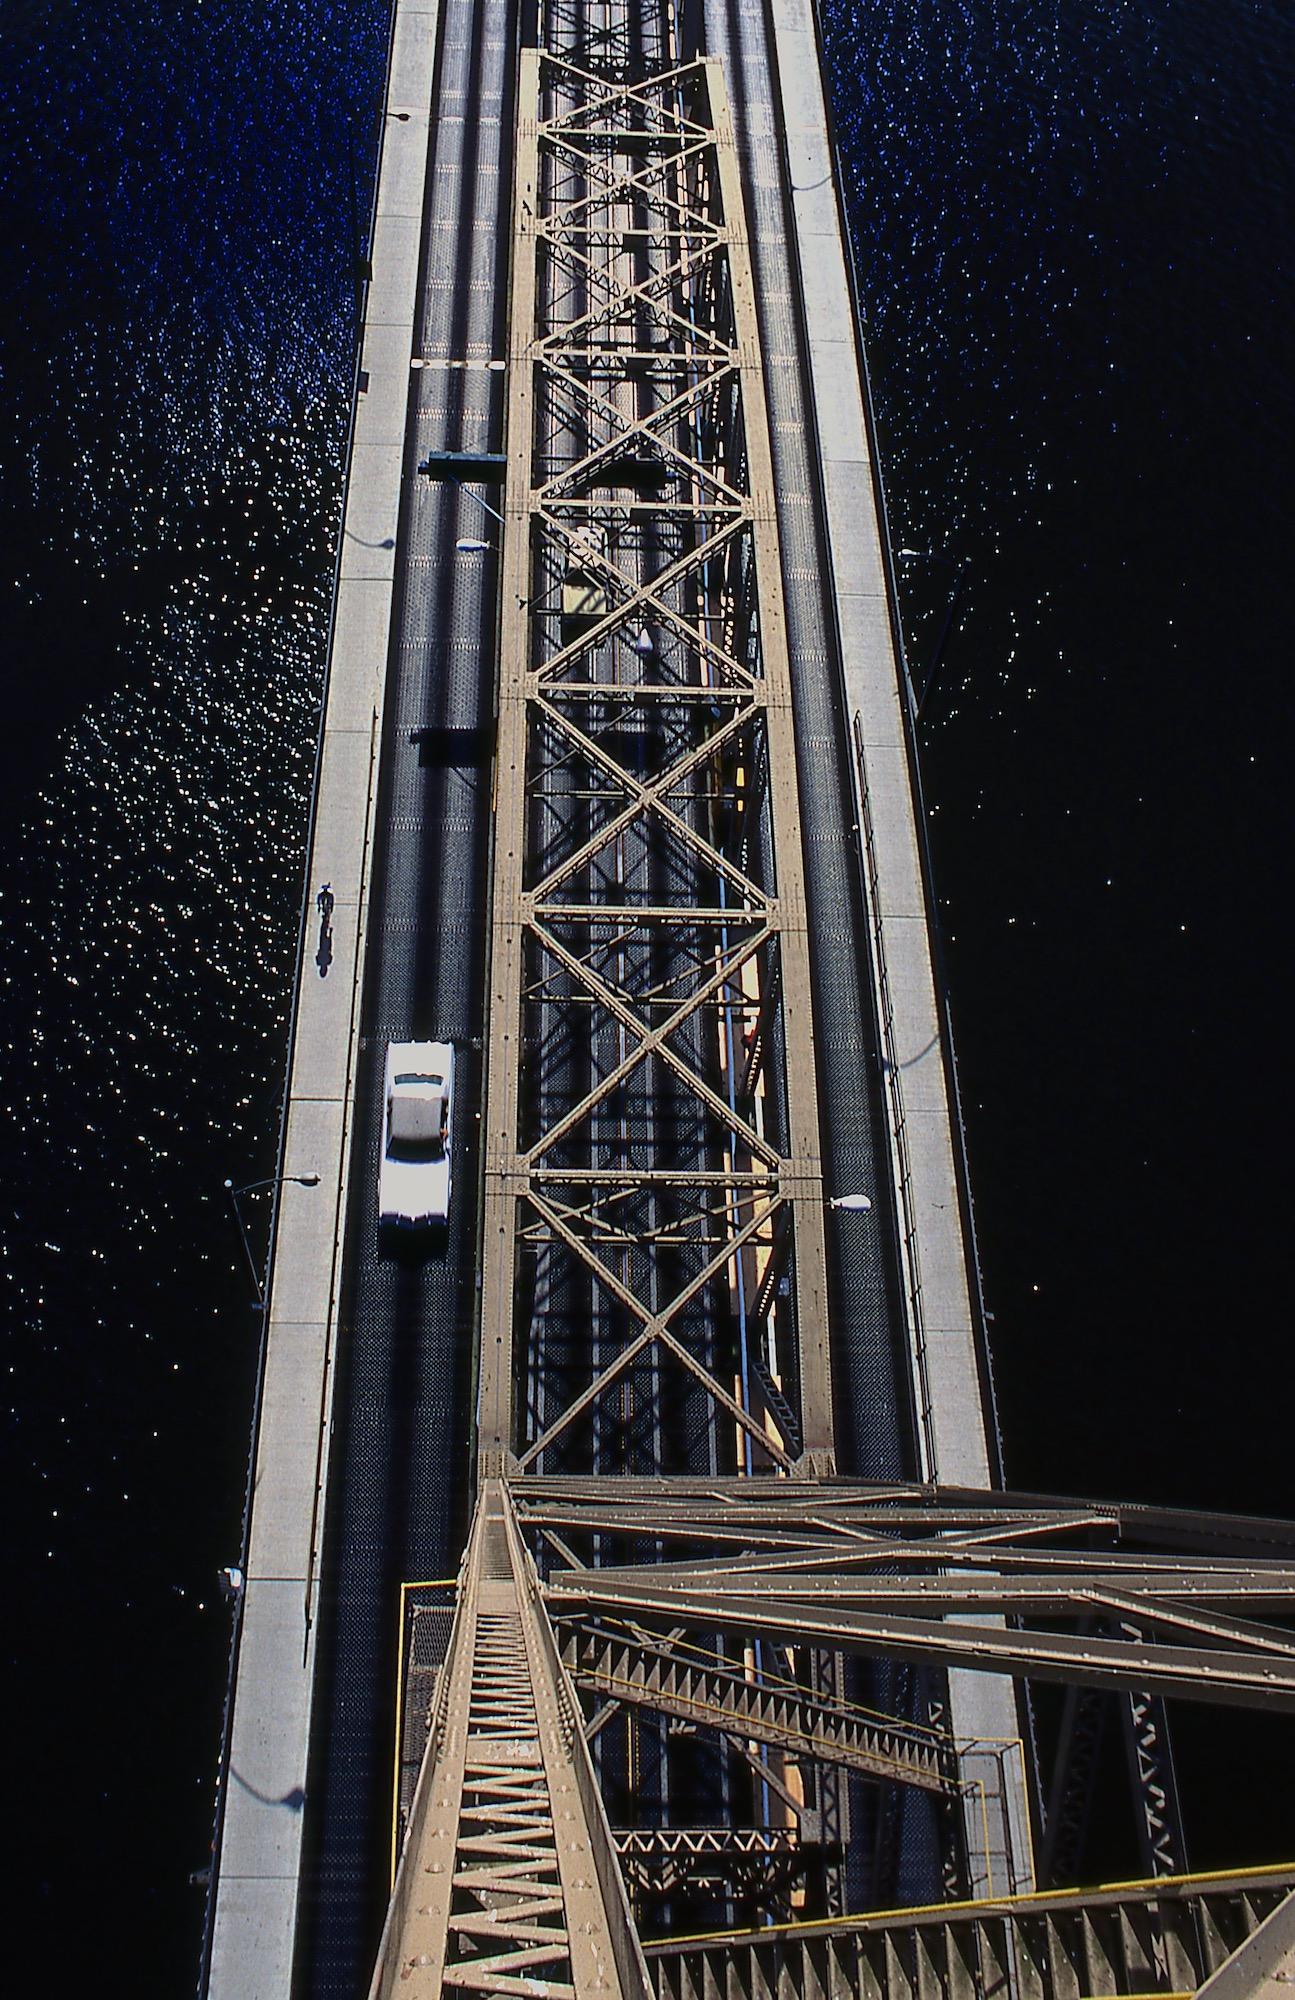 <center>HAWTHORNE WEST TOWER</center>